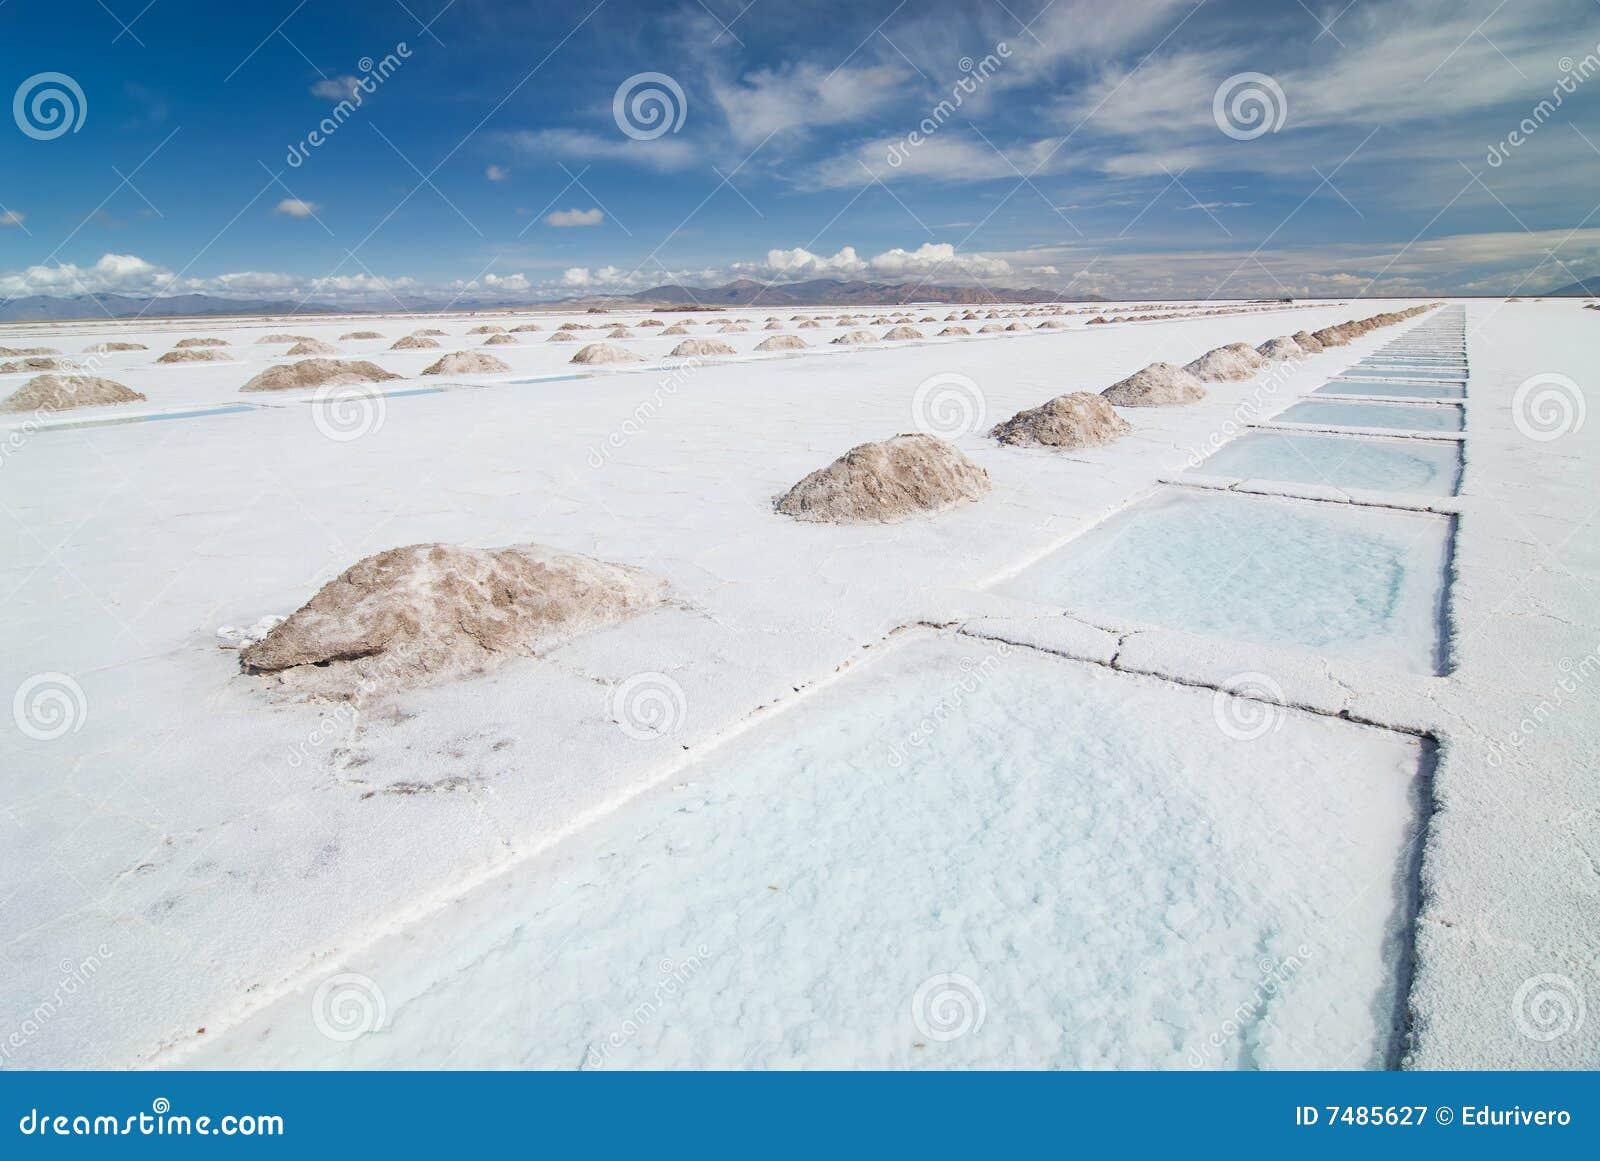 盐哺-m�f��dy.�9�b�/i_提取grandes池盐沼盐